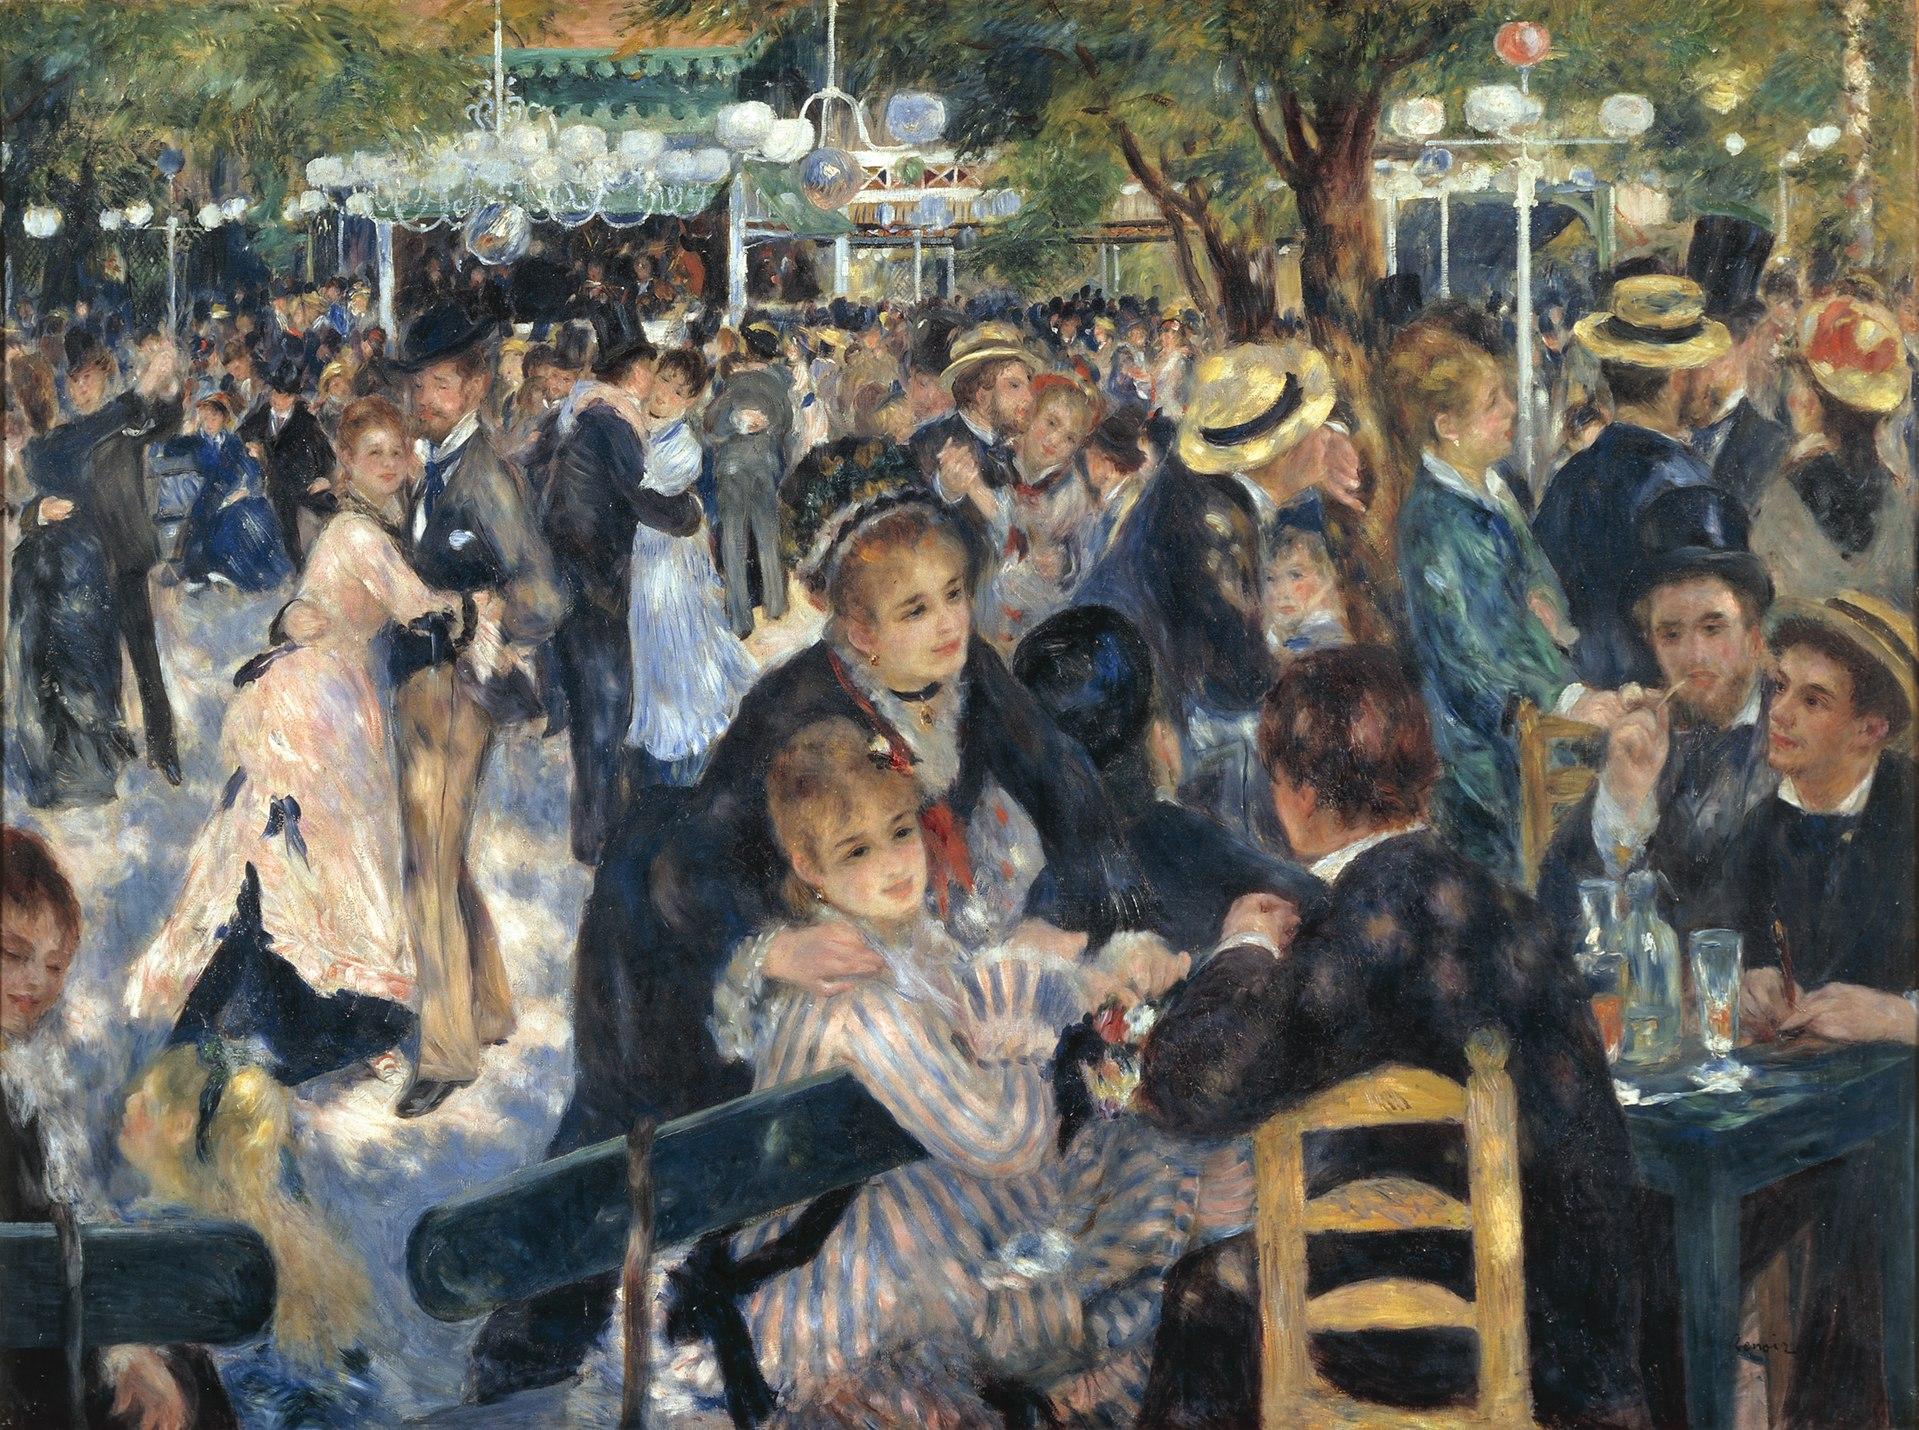 1920px-Pierre-Auguste_Renoir,_Le_Moulin_de_la_Galette